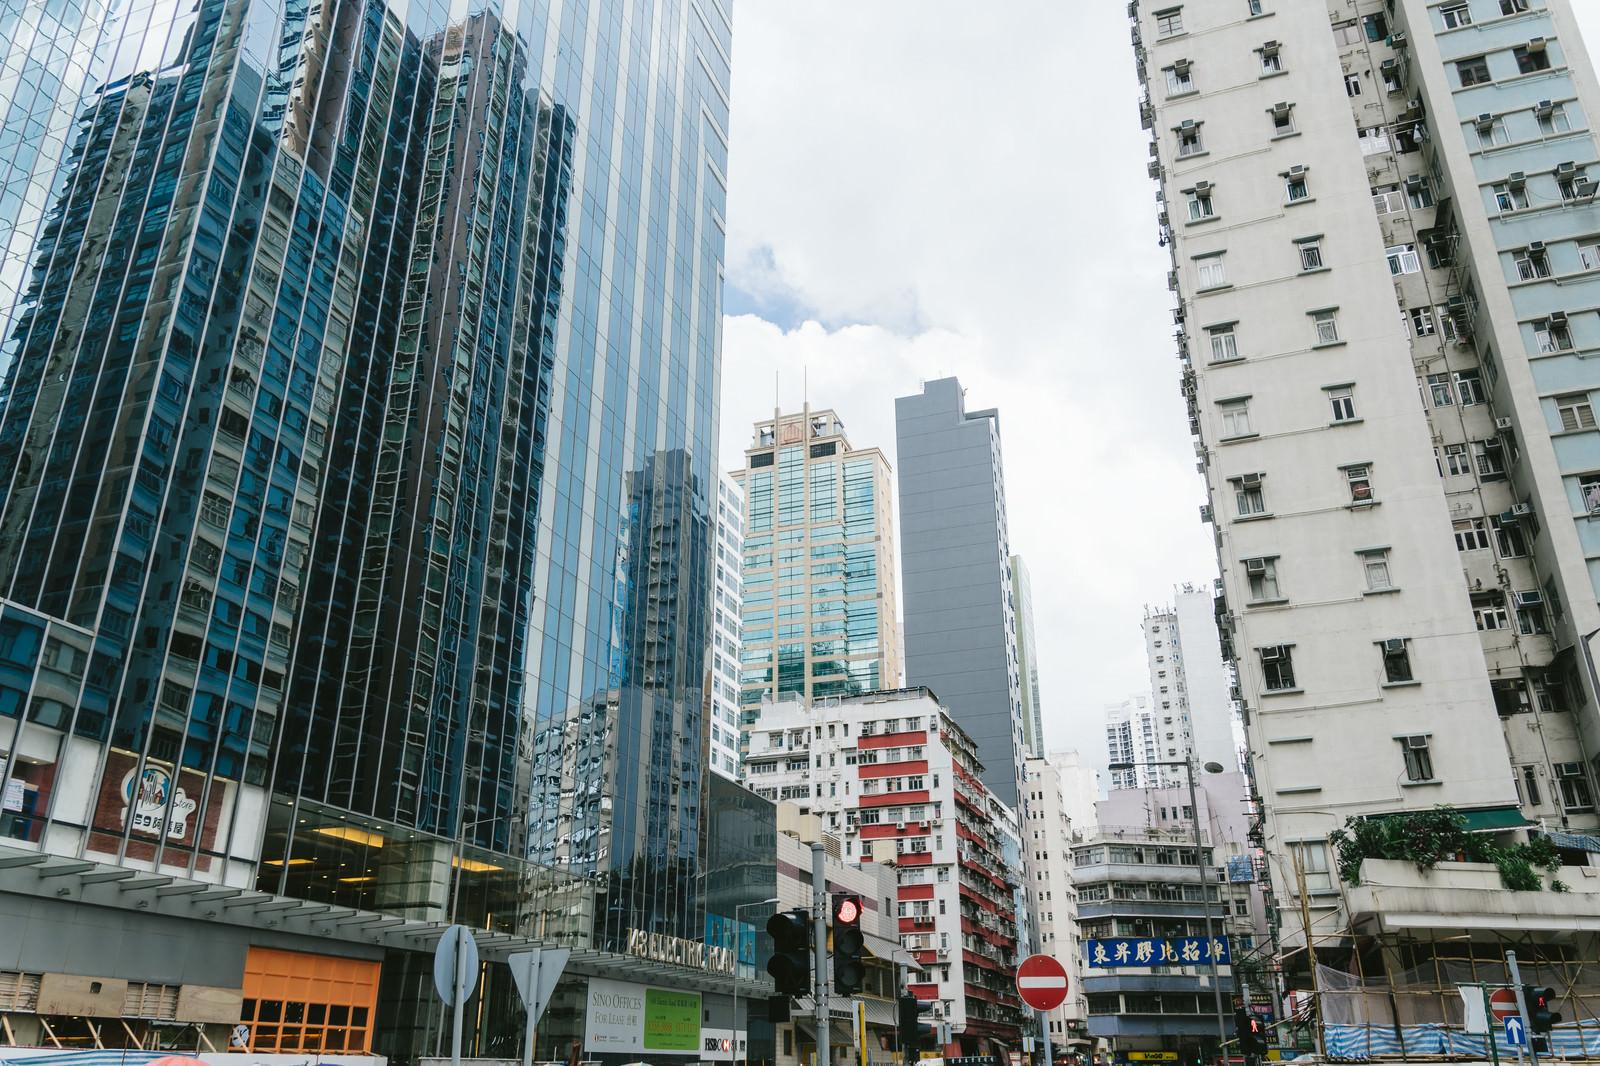 「香港のビル群と街並み」の写真